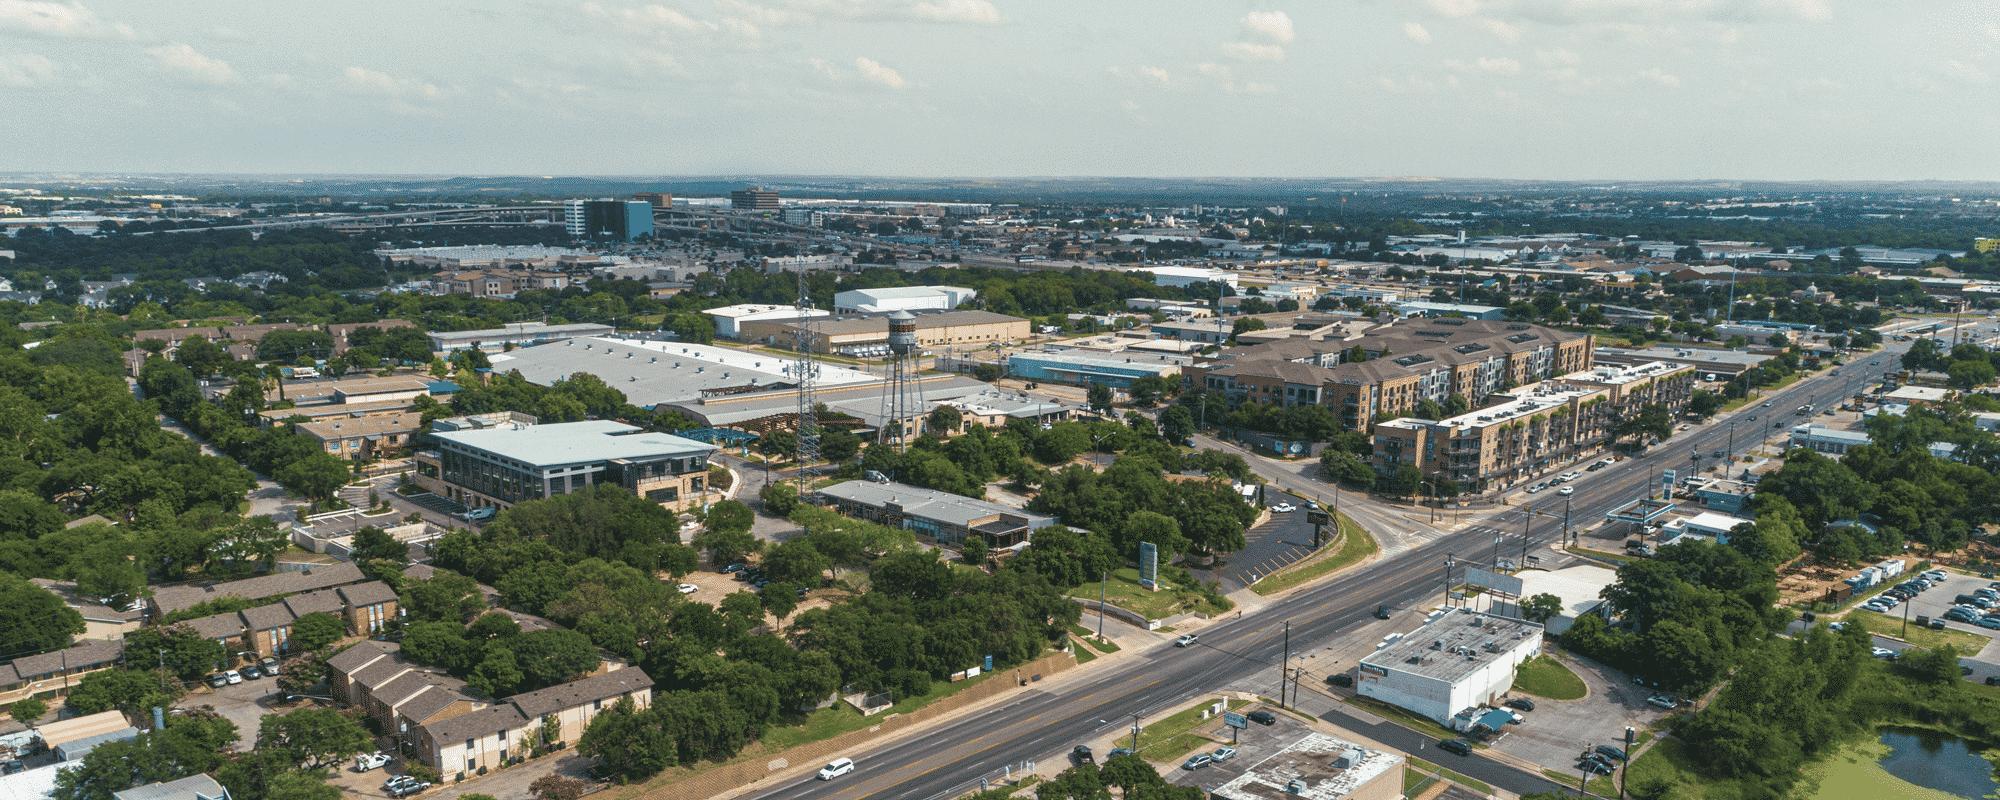 South Austin Developments